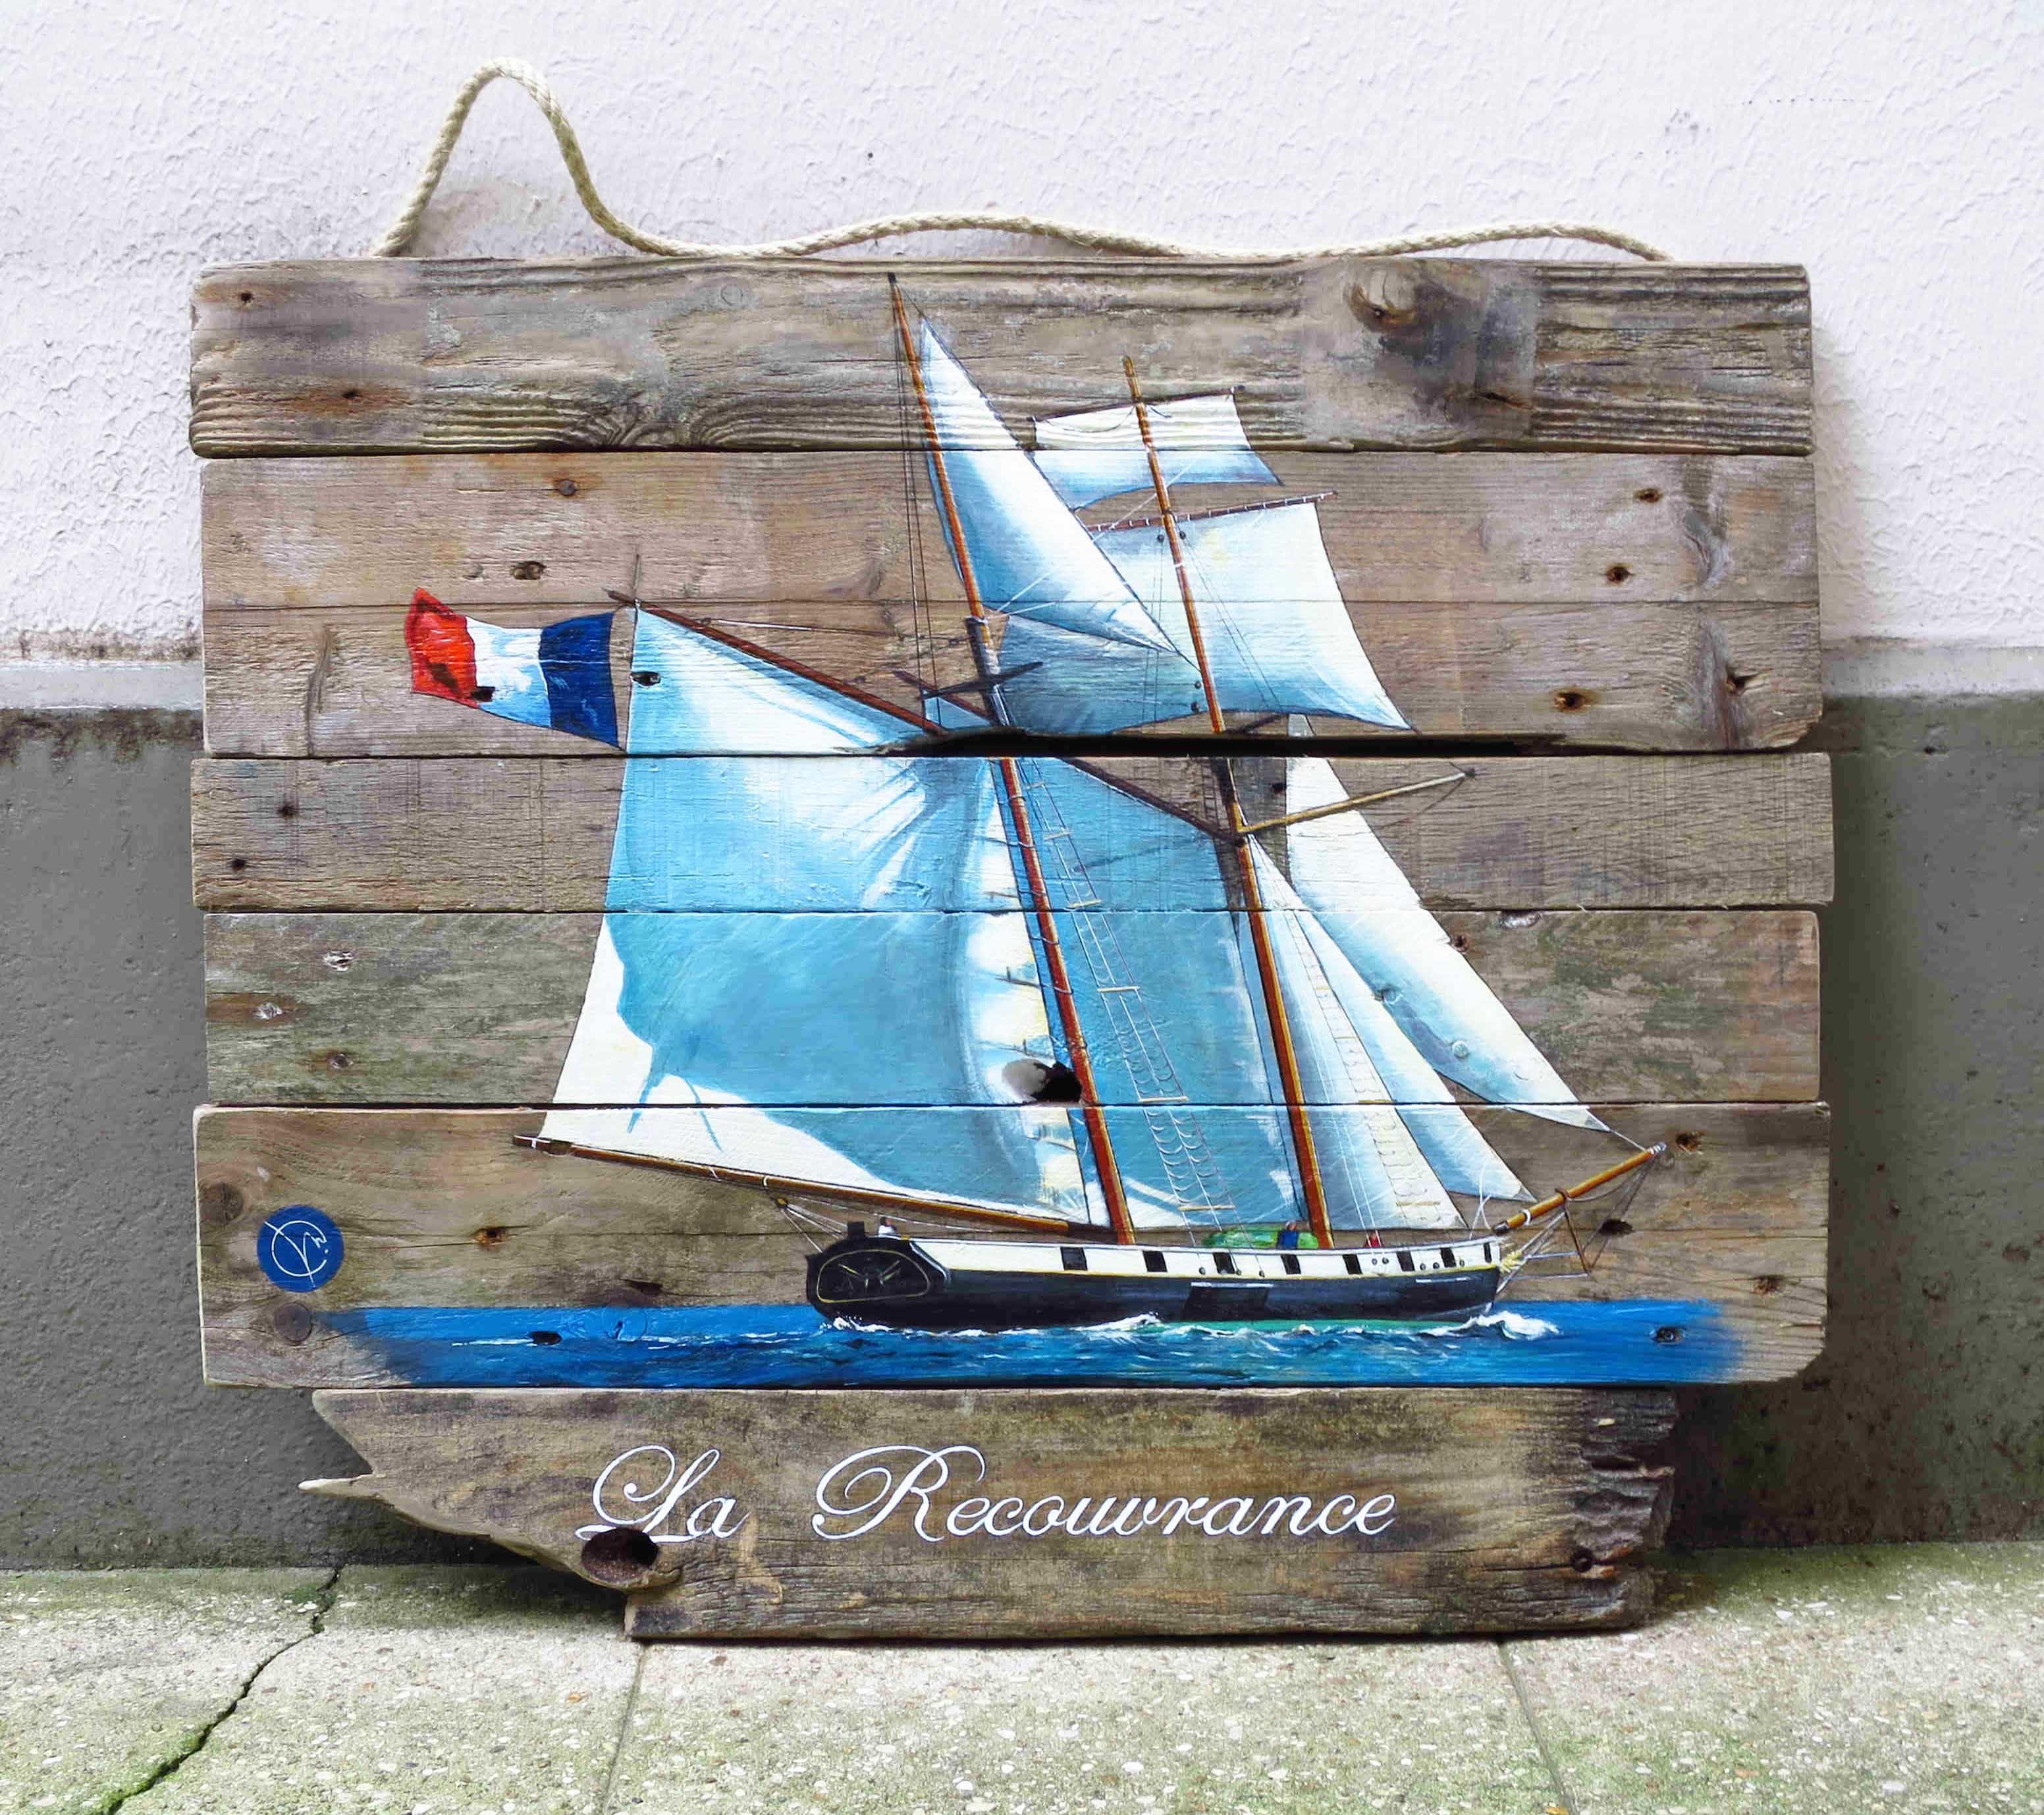 La recouvrance brest bateau vieux gr ment tableau bois for Les bois flottes de sophie